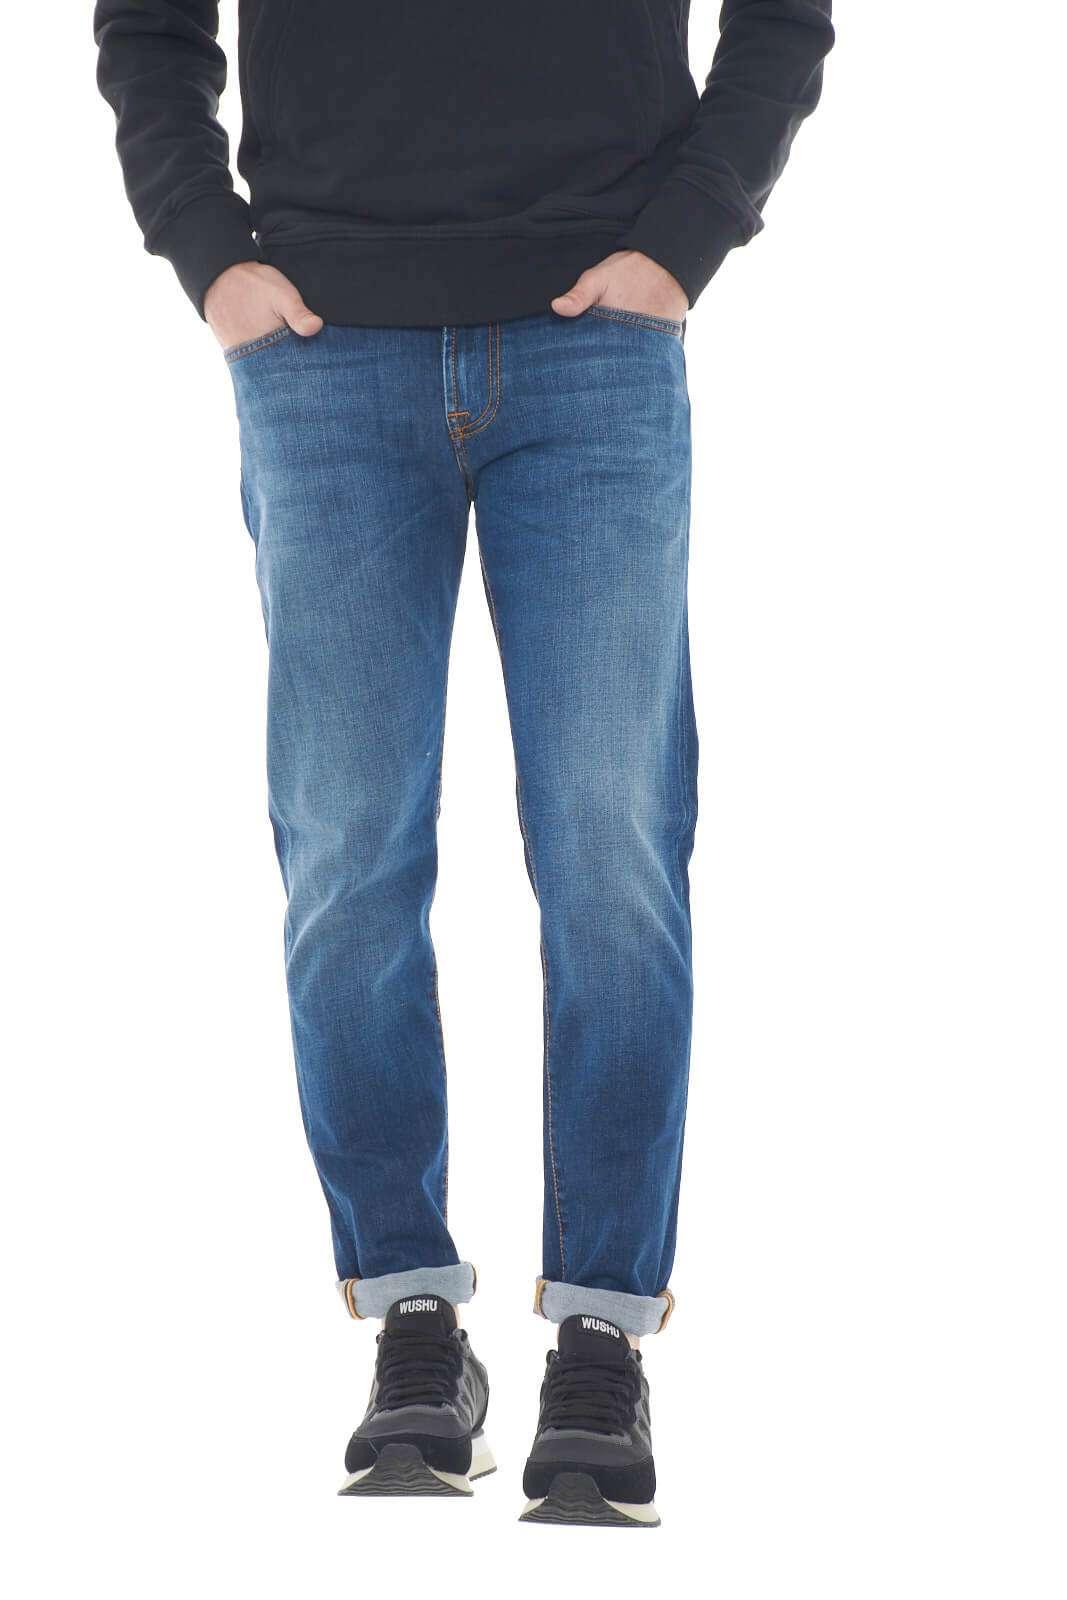 Un jeans dal tocco quotidiano il nuovo Joice proposto dalla collezione uomo Roy Rogers. Pulito nella colorazione si impone per il suo stile minimal dalla vestibilità slim. Da indossare con ogni stile è un essential per ogni look.